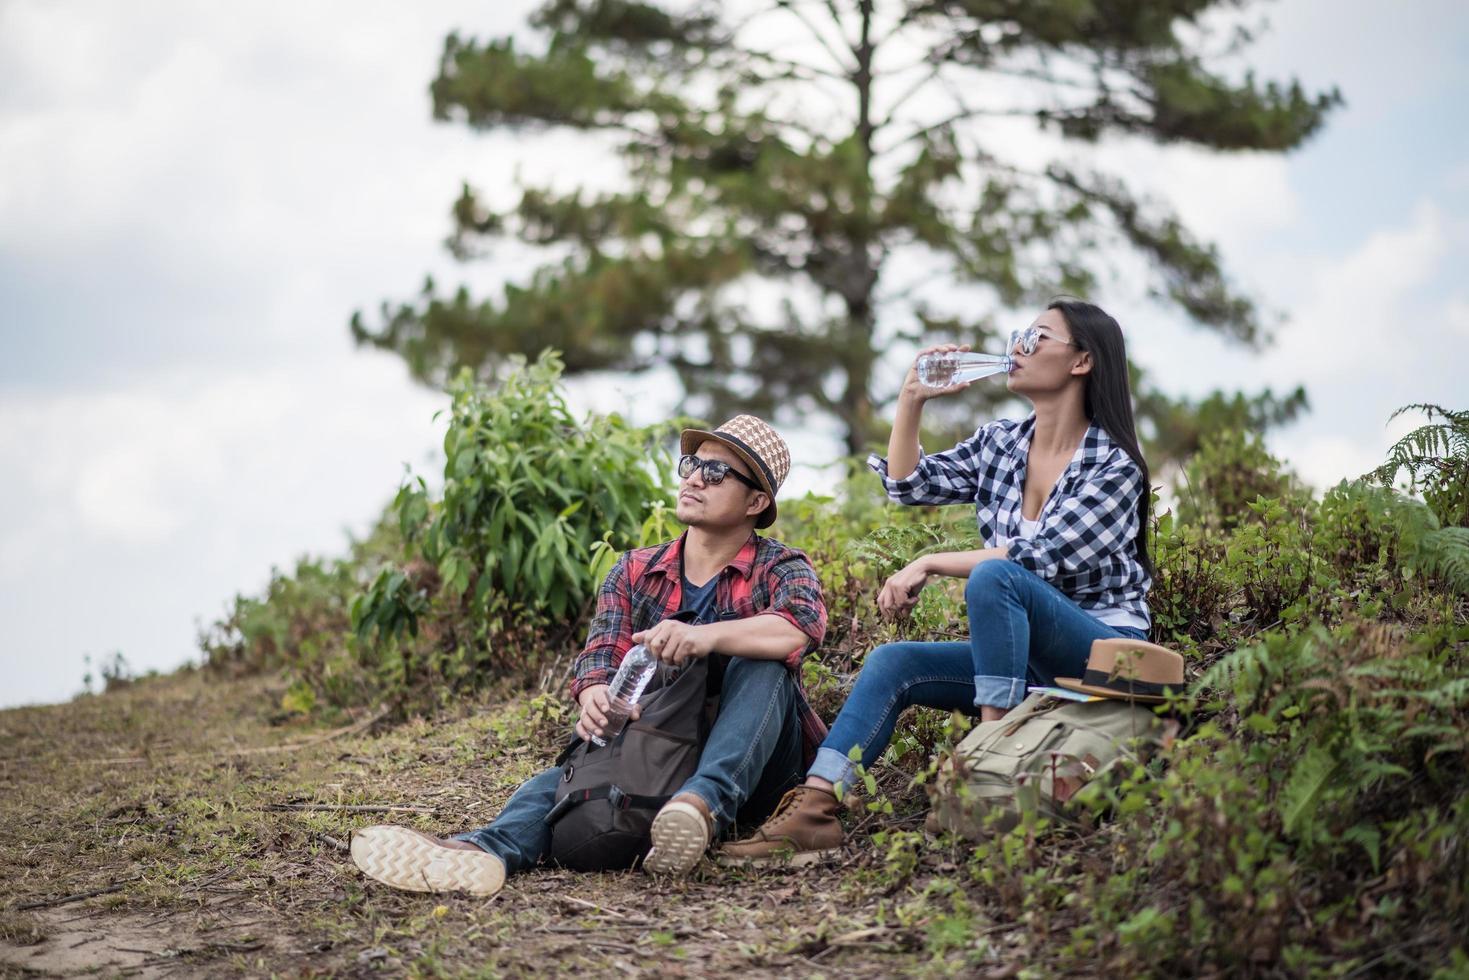 jóvenes excursionistas bebiendo agua en el bosque foto